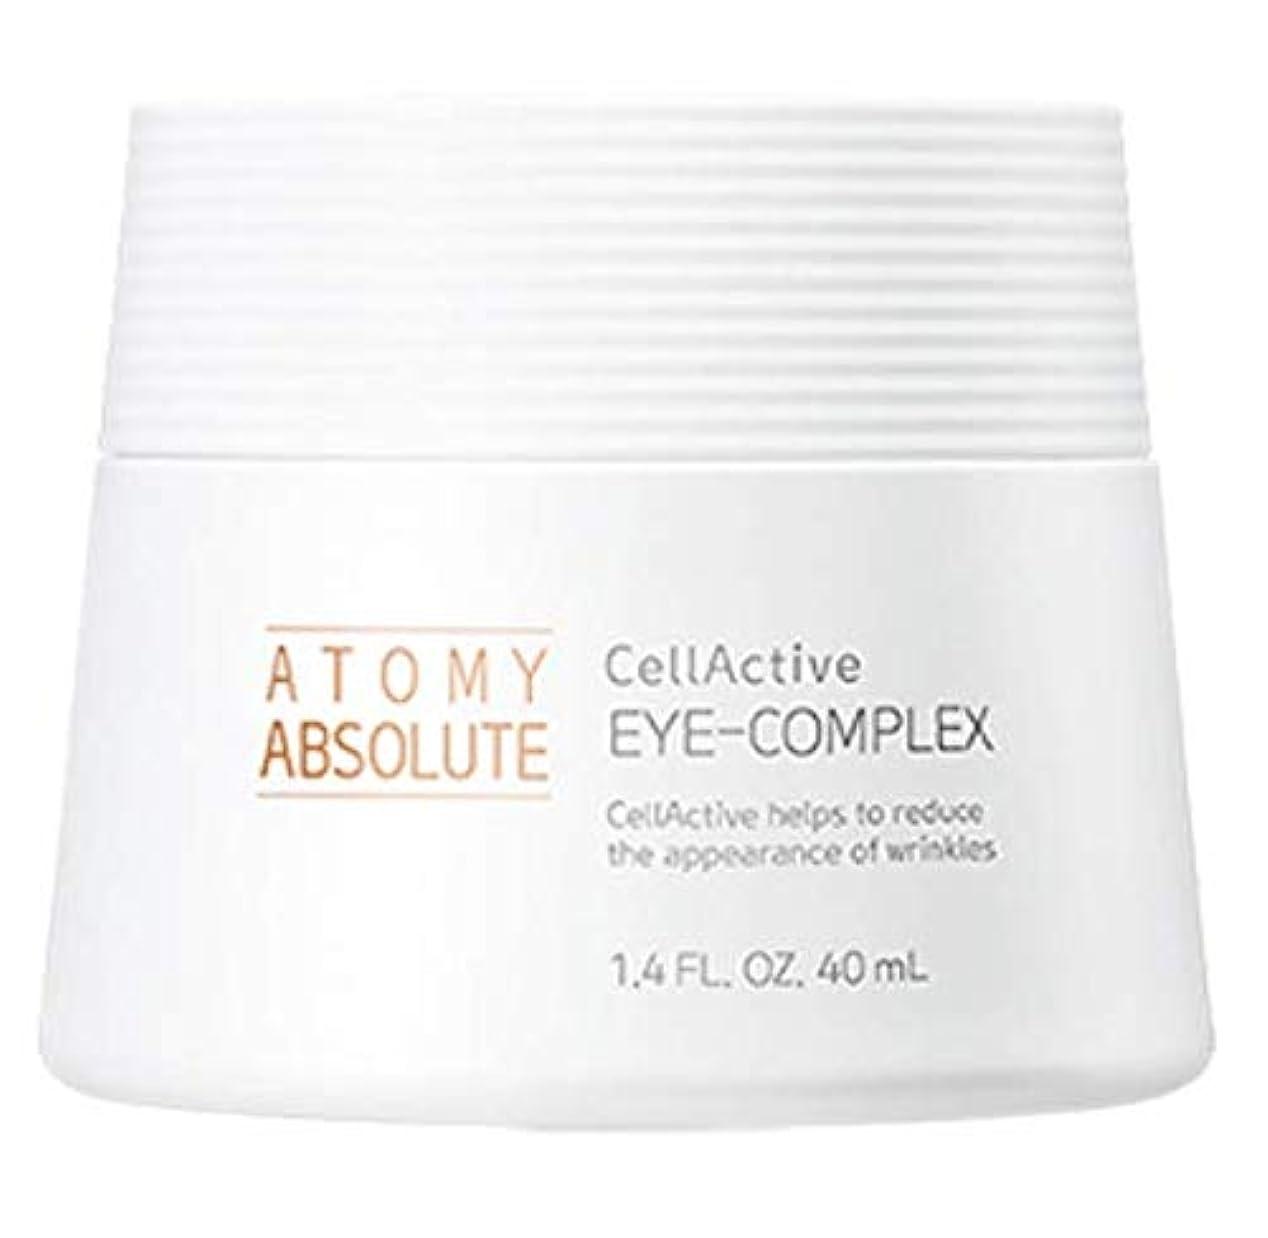 ハッピー収束感嘆アトミエイソルート セレクティブ アイクリームAtomy Celective Absolute Eye-Complex 40ml [並行輸入品]